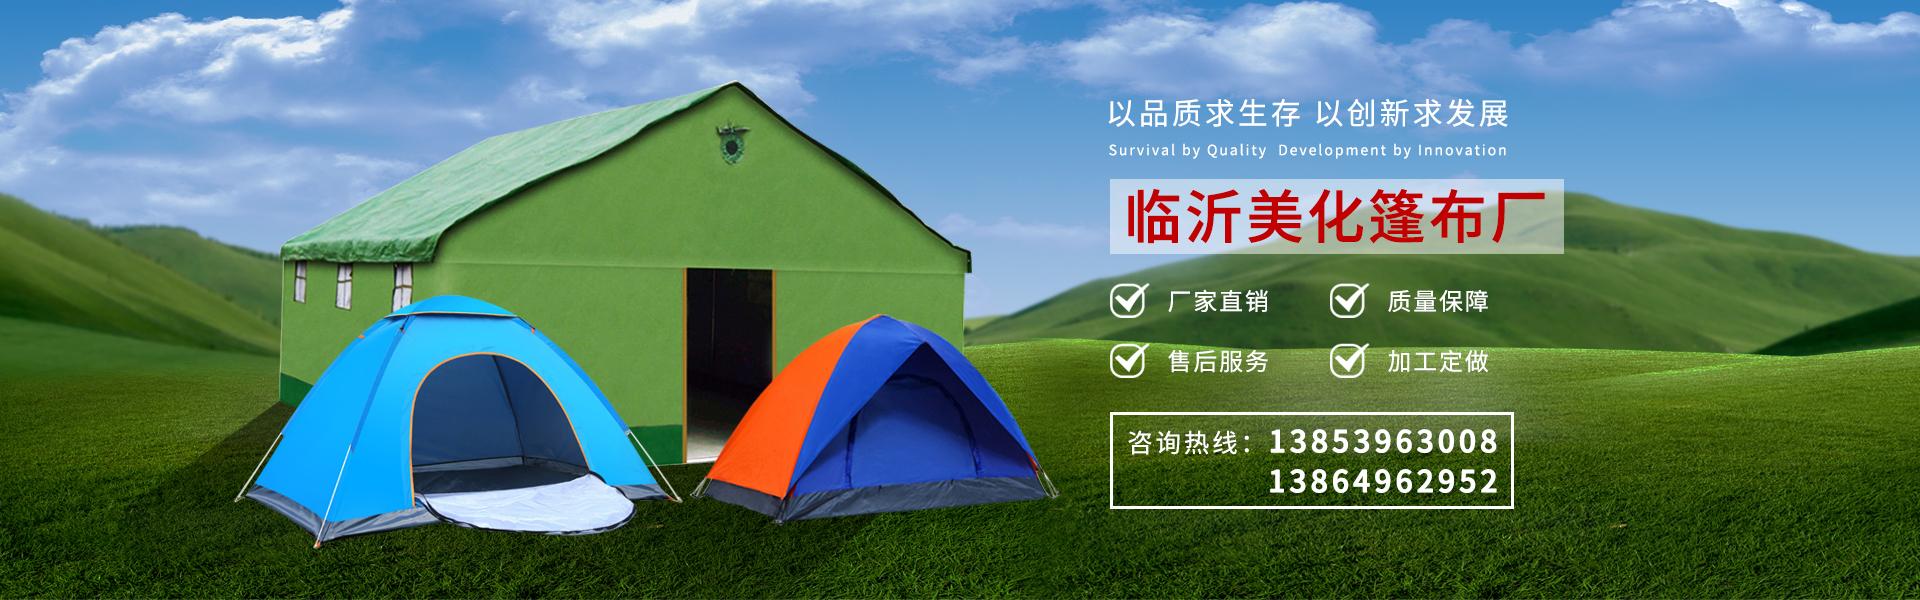 篷布厂家,临沂篷布厂,pvc篷布批发,临沂防雨篷布